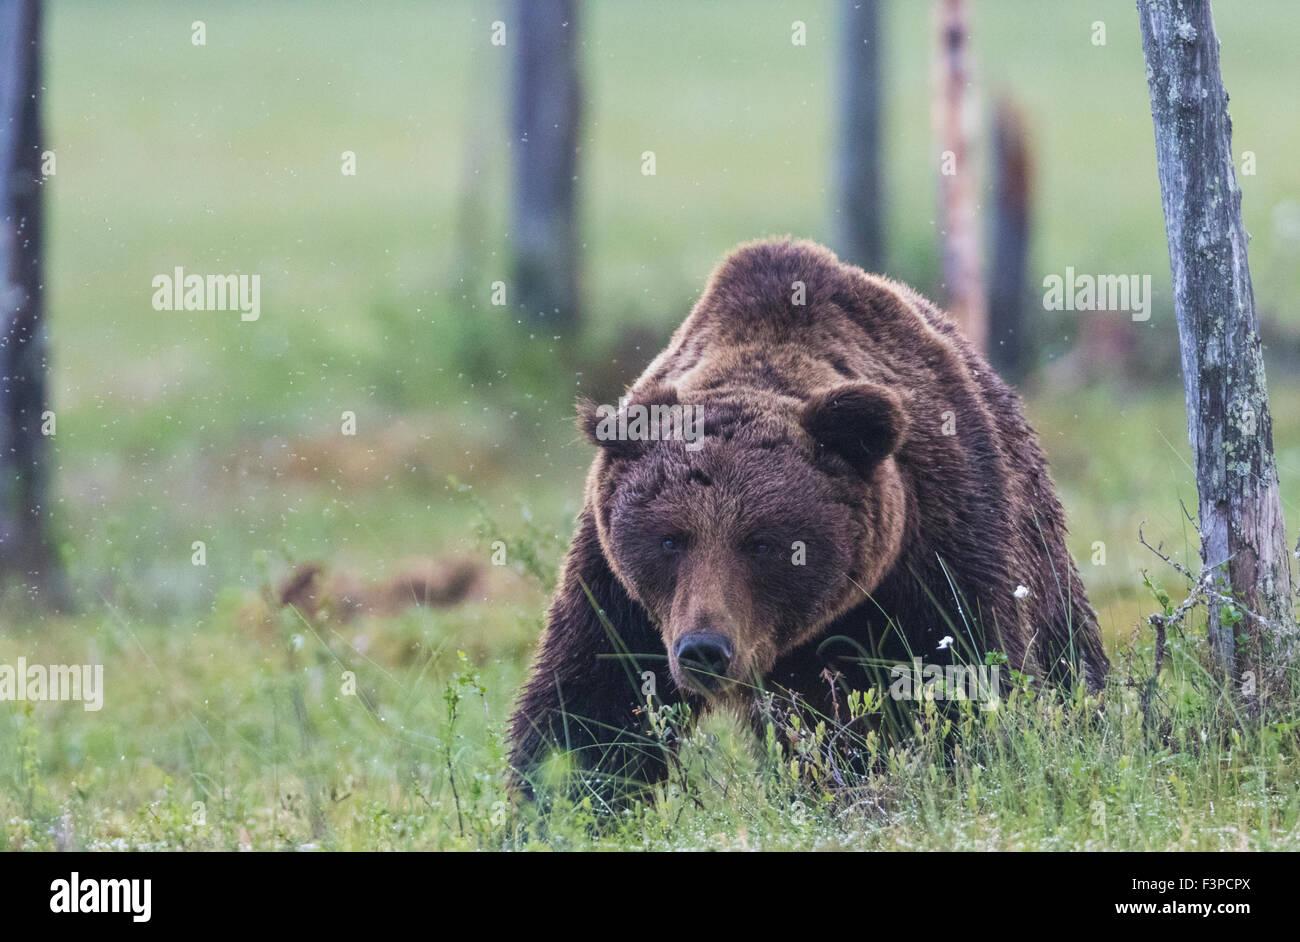 Orso bruno Ursus arctos, camminando su un muschio verso la telecamera, abbassando la sua testa e guardando dritto Immagini Stock